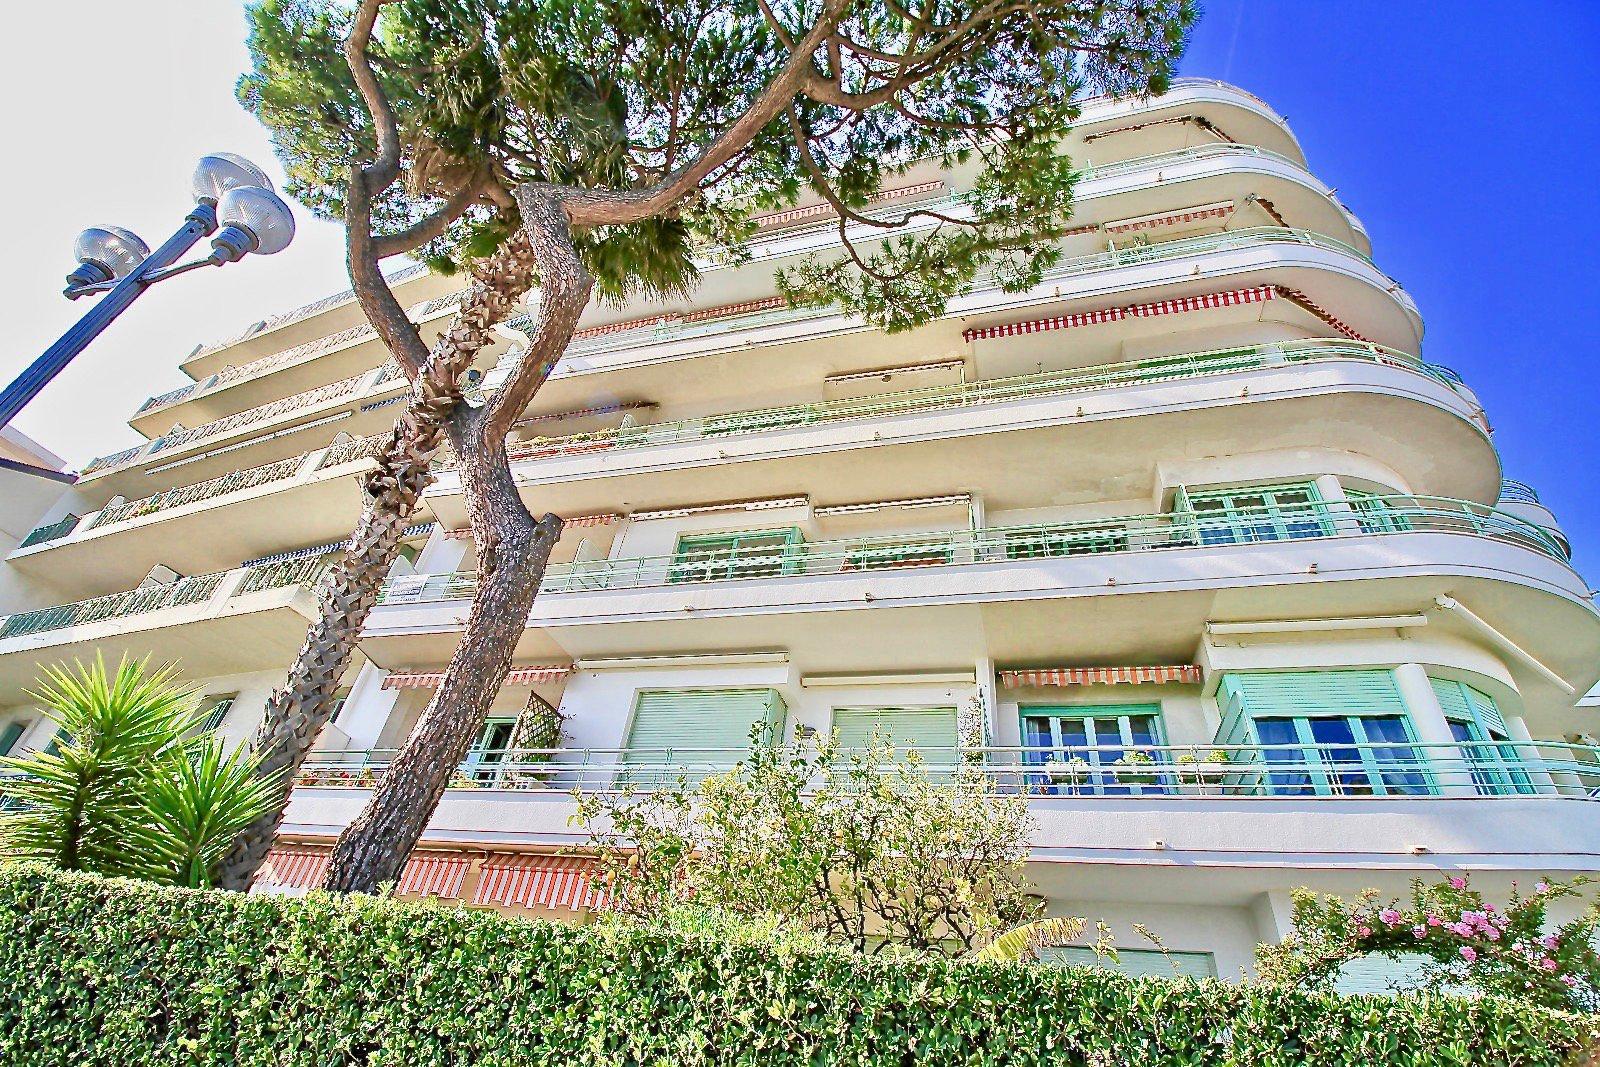 Апартаменты с хорошей террасой с видом на море. Английская набережная с террасой с видом на море.